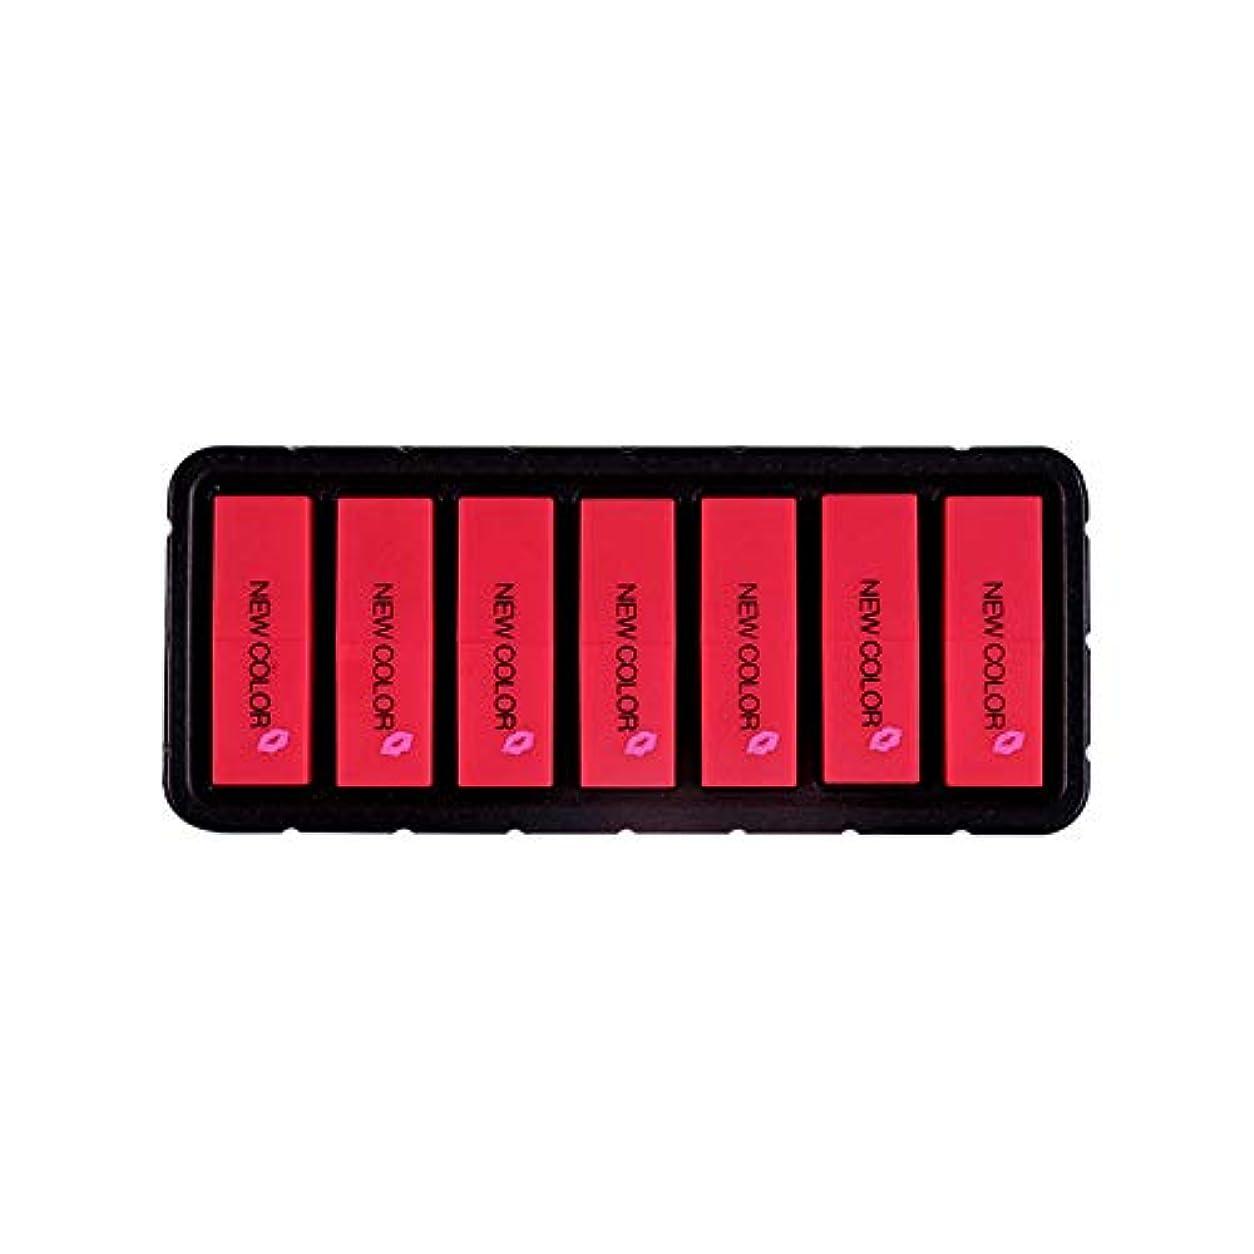 スリップ悪性のウェイターEldori 2019 新作 リップスティック セット 7色 口紅 長続き防水リップ 化粧品 マット リップスティック セット 5本/セットコスプレ、ハロウィーン、クリスマスなどに兼用 カボチャの色 (O)